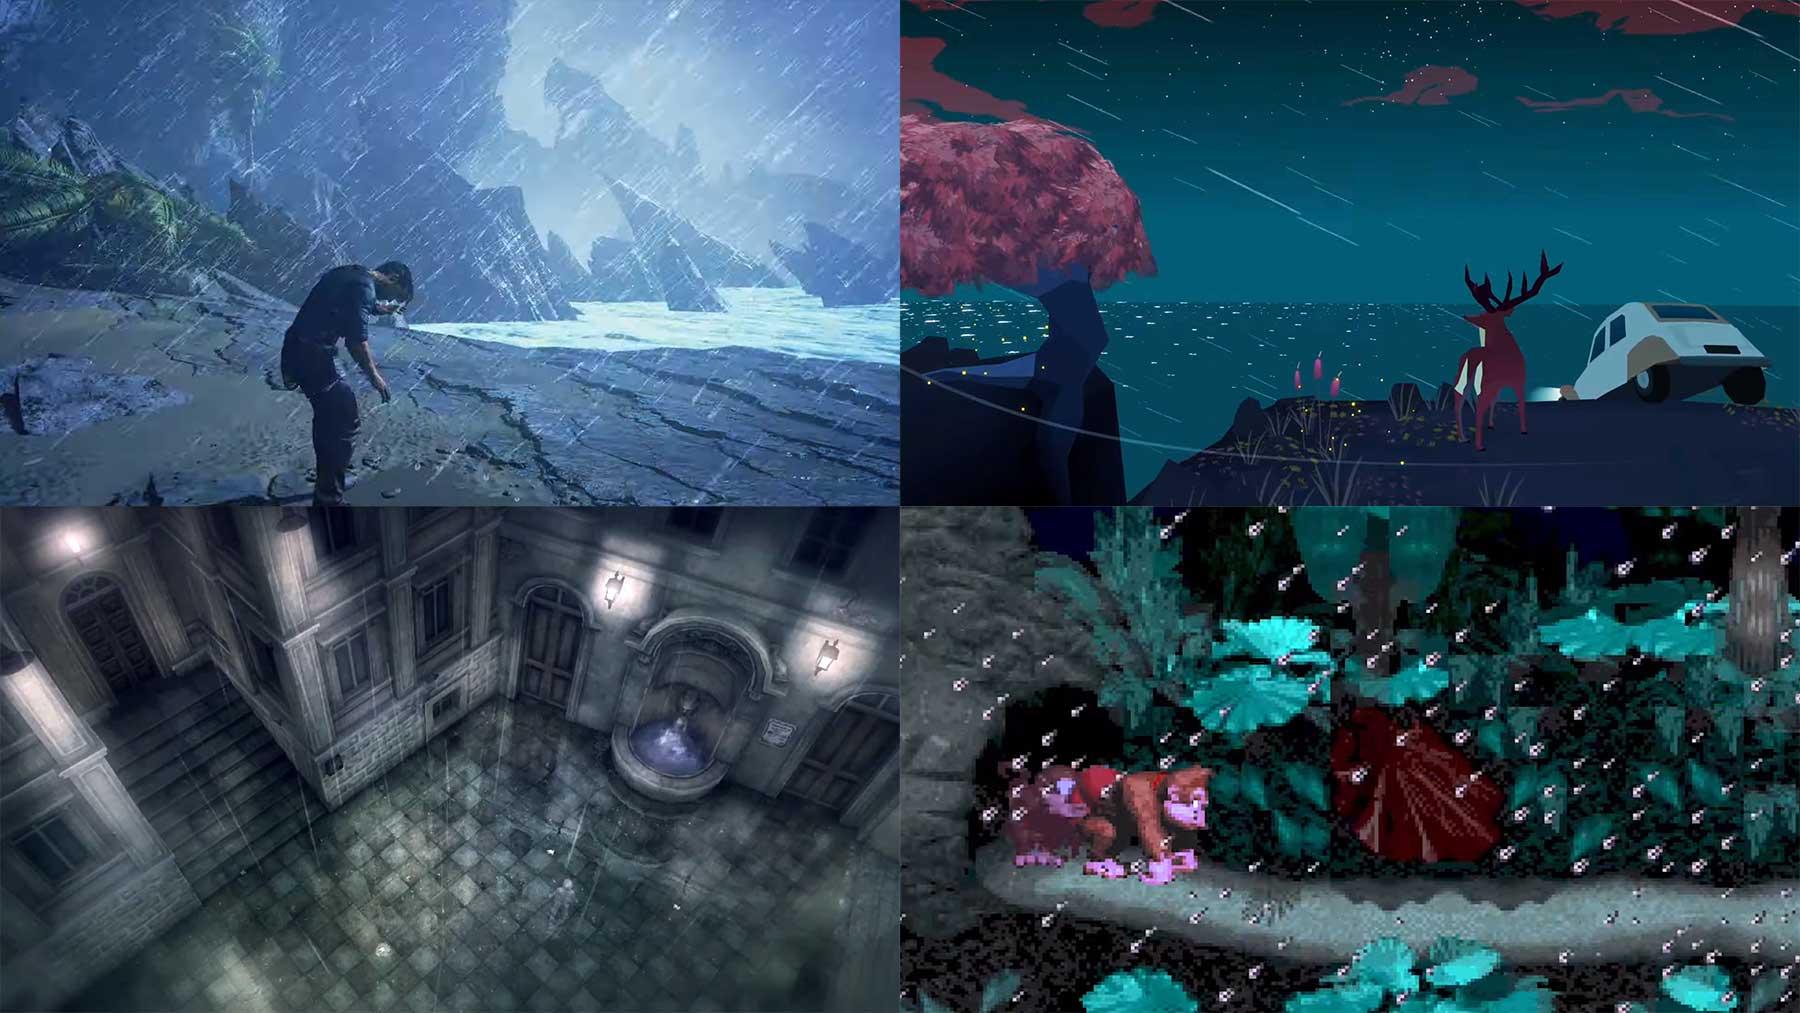 30 Minuten Regen in Videospielen regen-in-videospielen-30